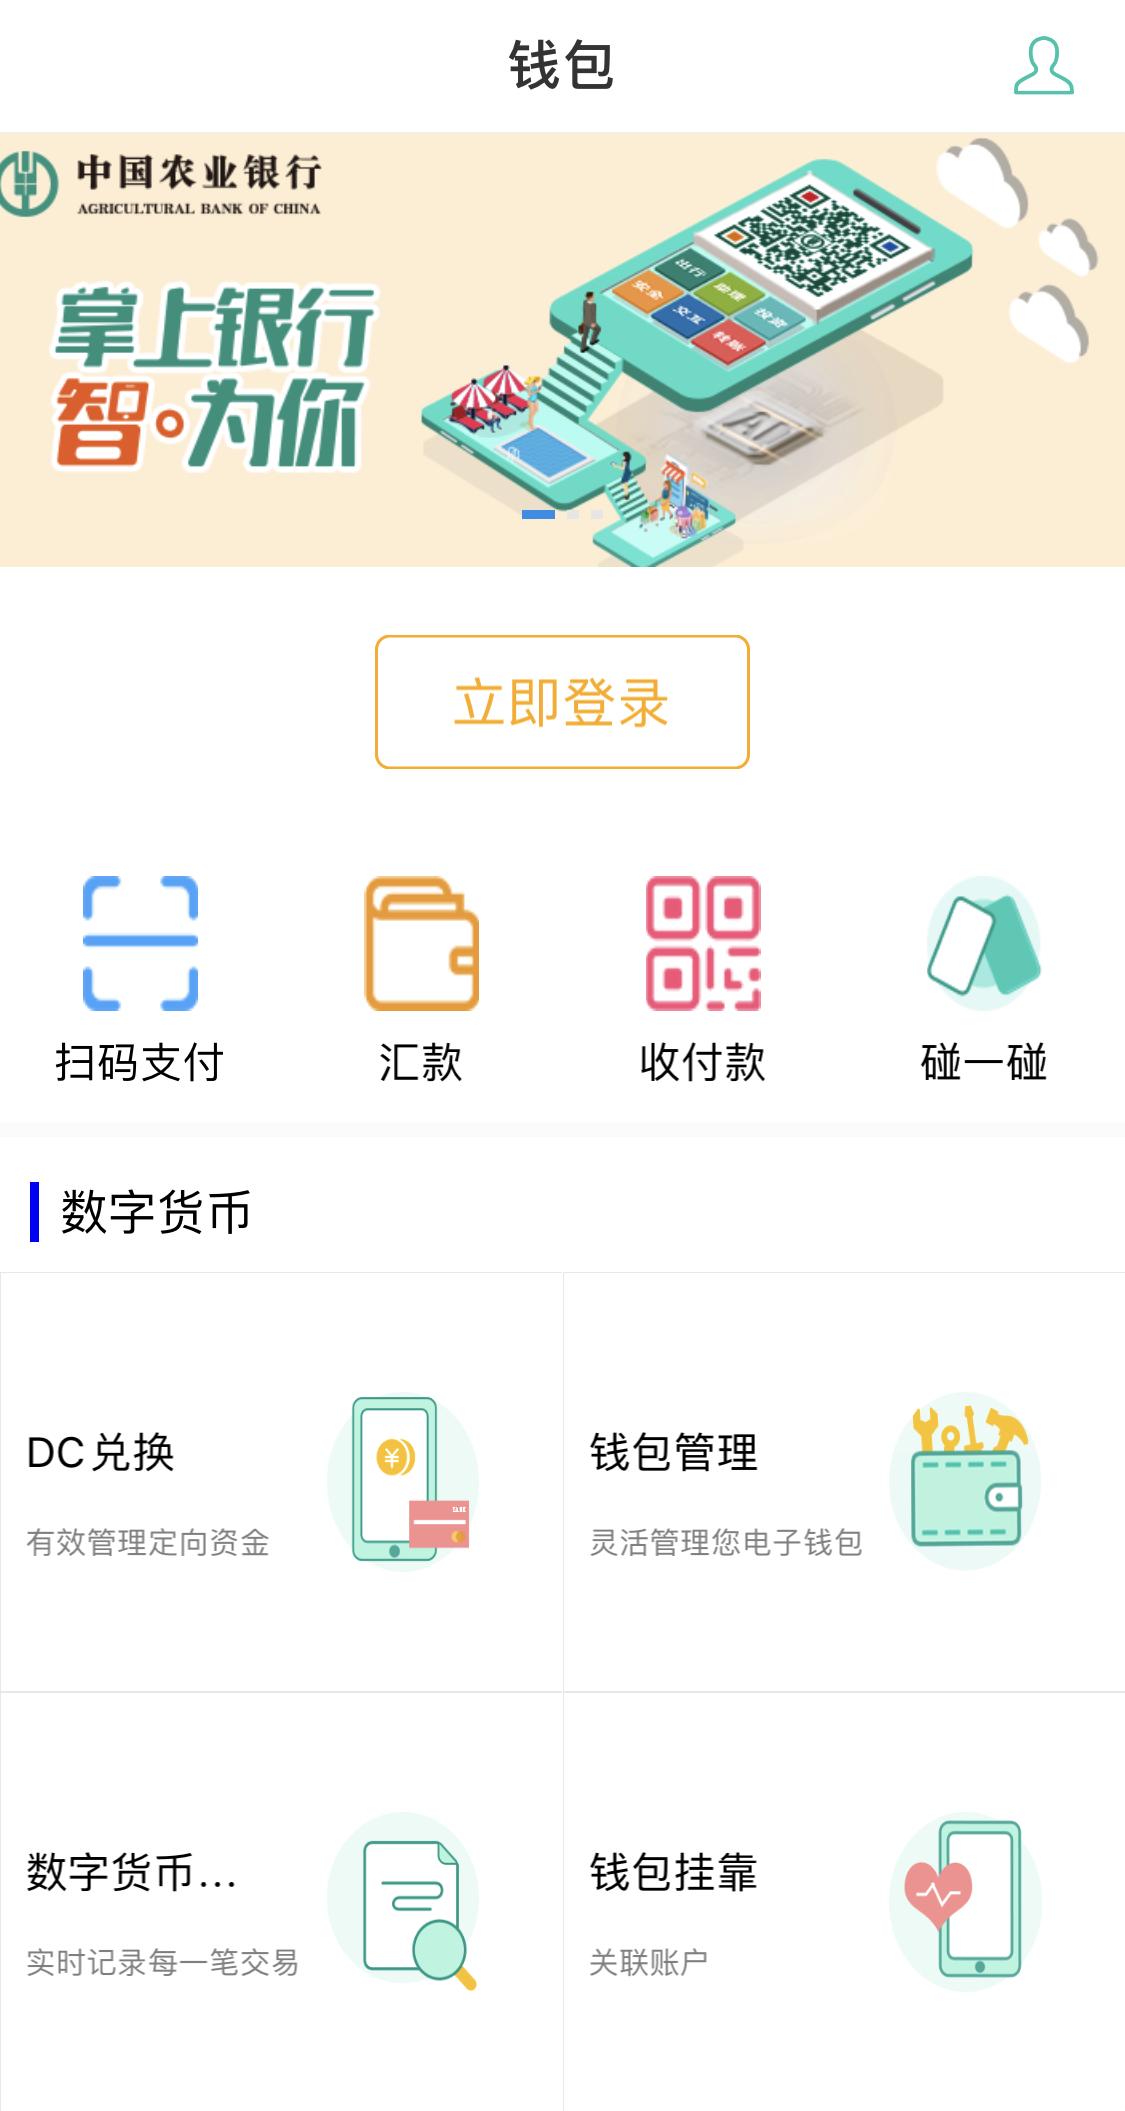 媒体:中国农业银行发布央行数字货币测试应用